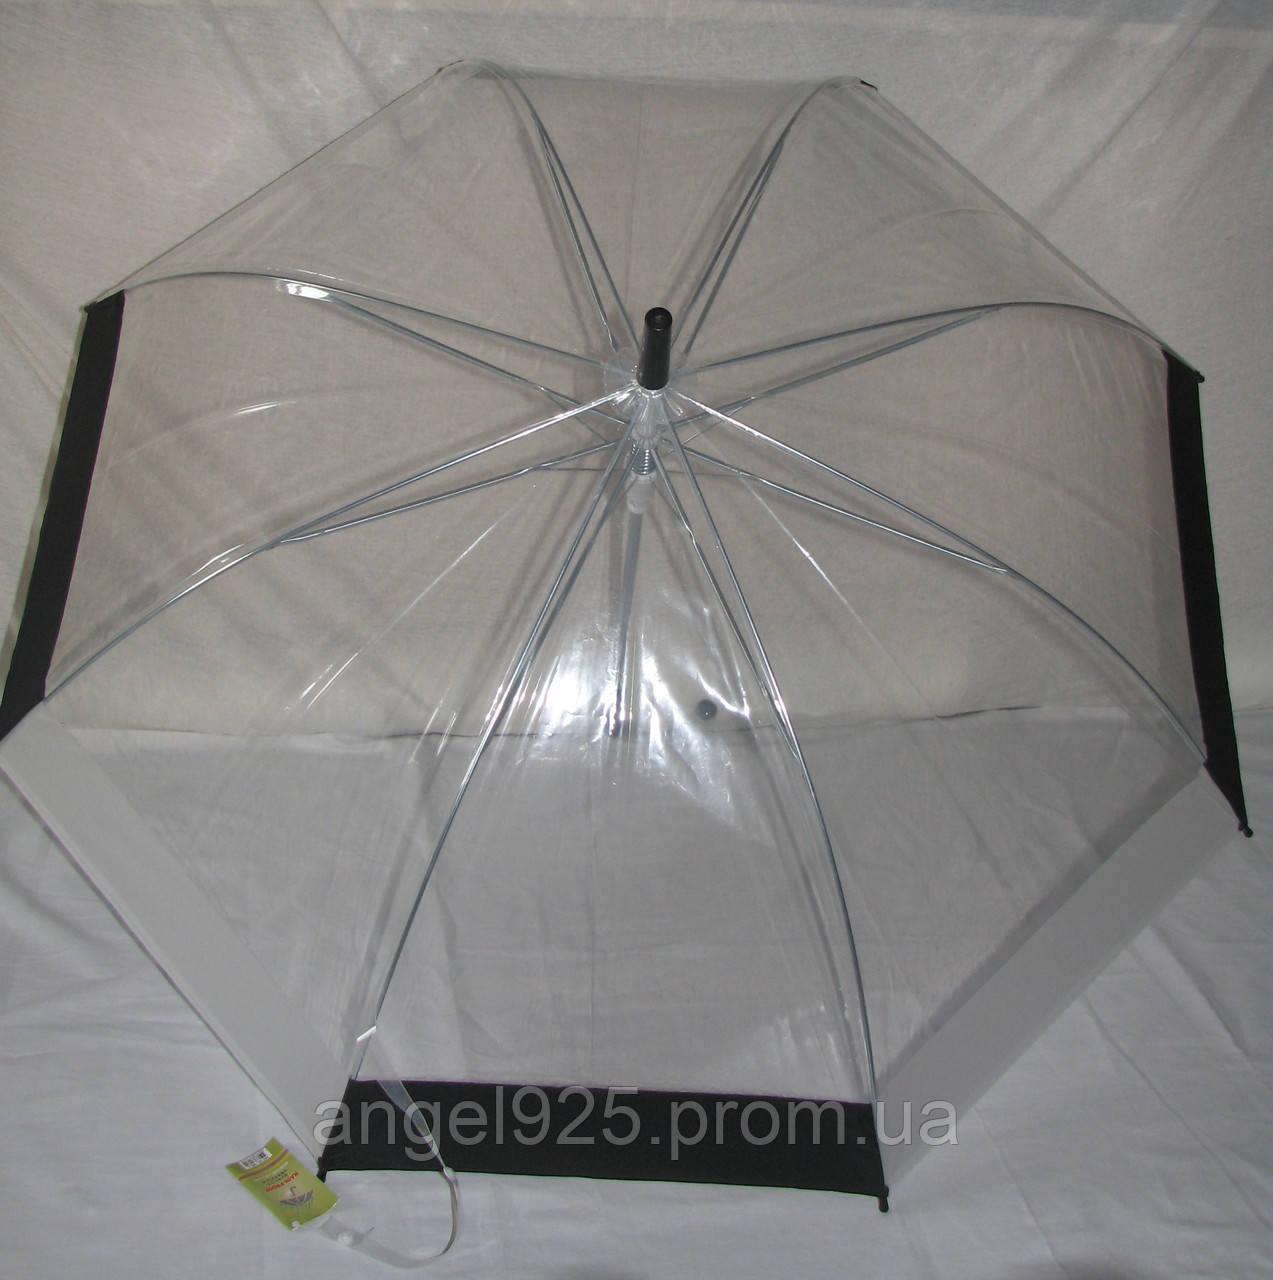 Прозрачный зонт полуавтомат с двухцветной окантовкой  - оптово-розничный интернет-магазин зонтов и детской одежды Angel в Киеве